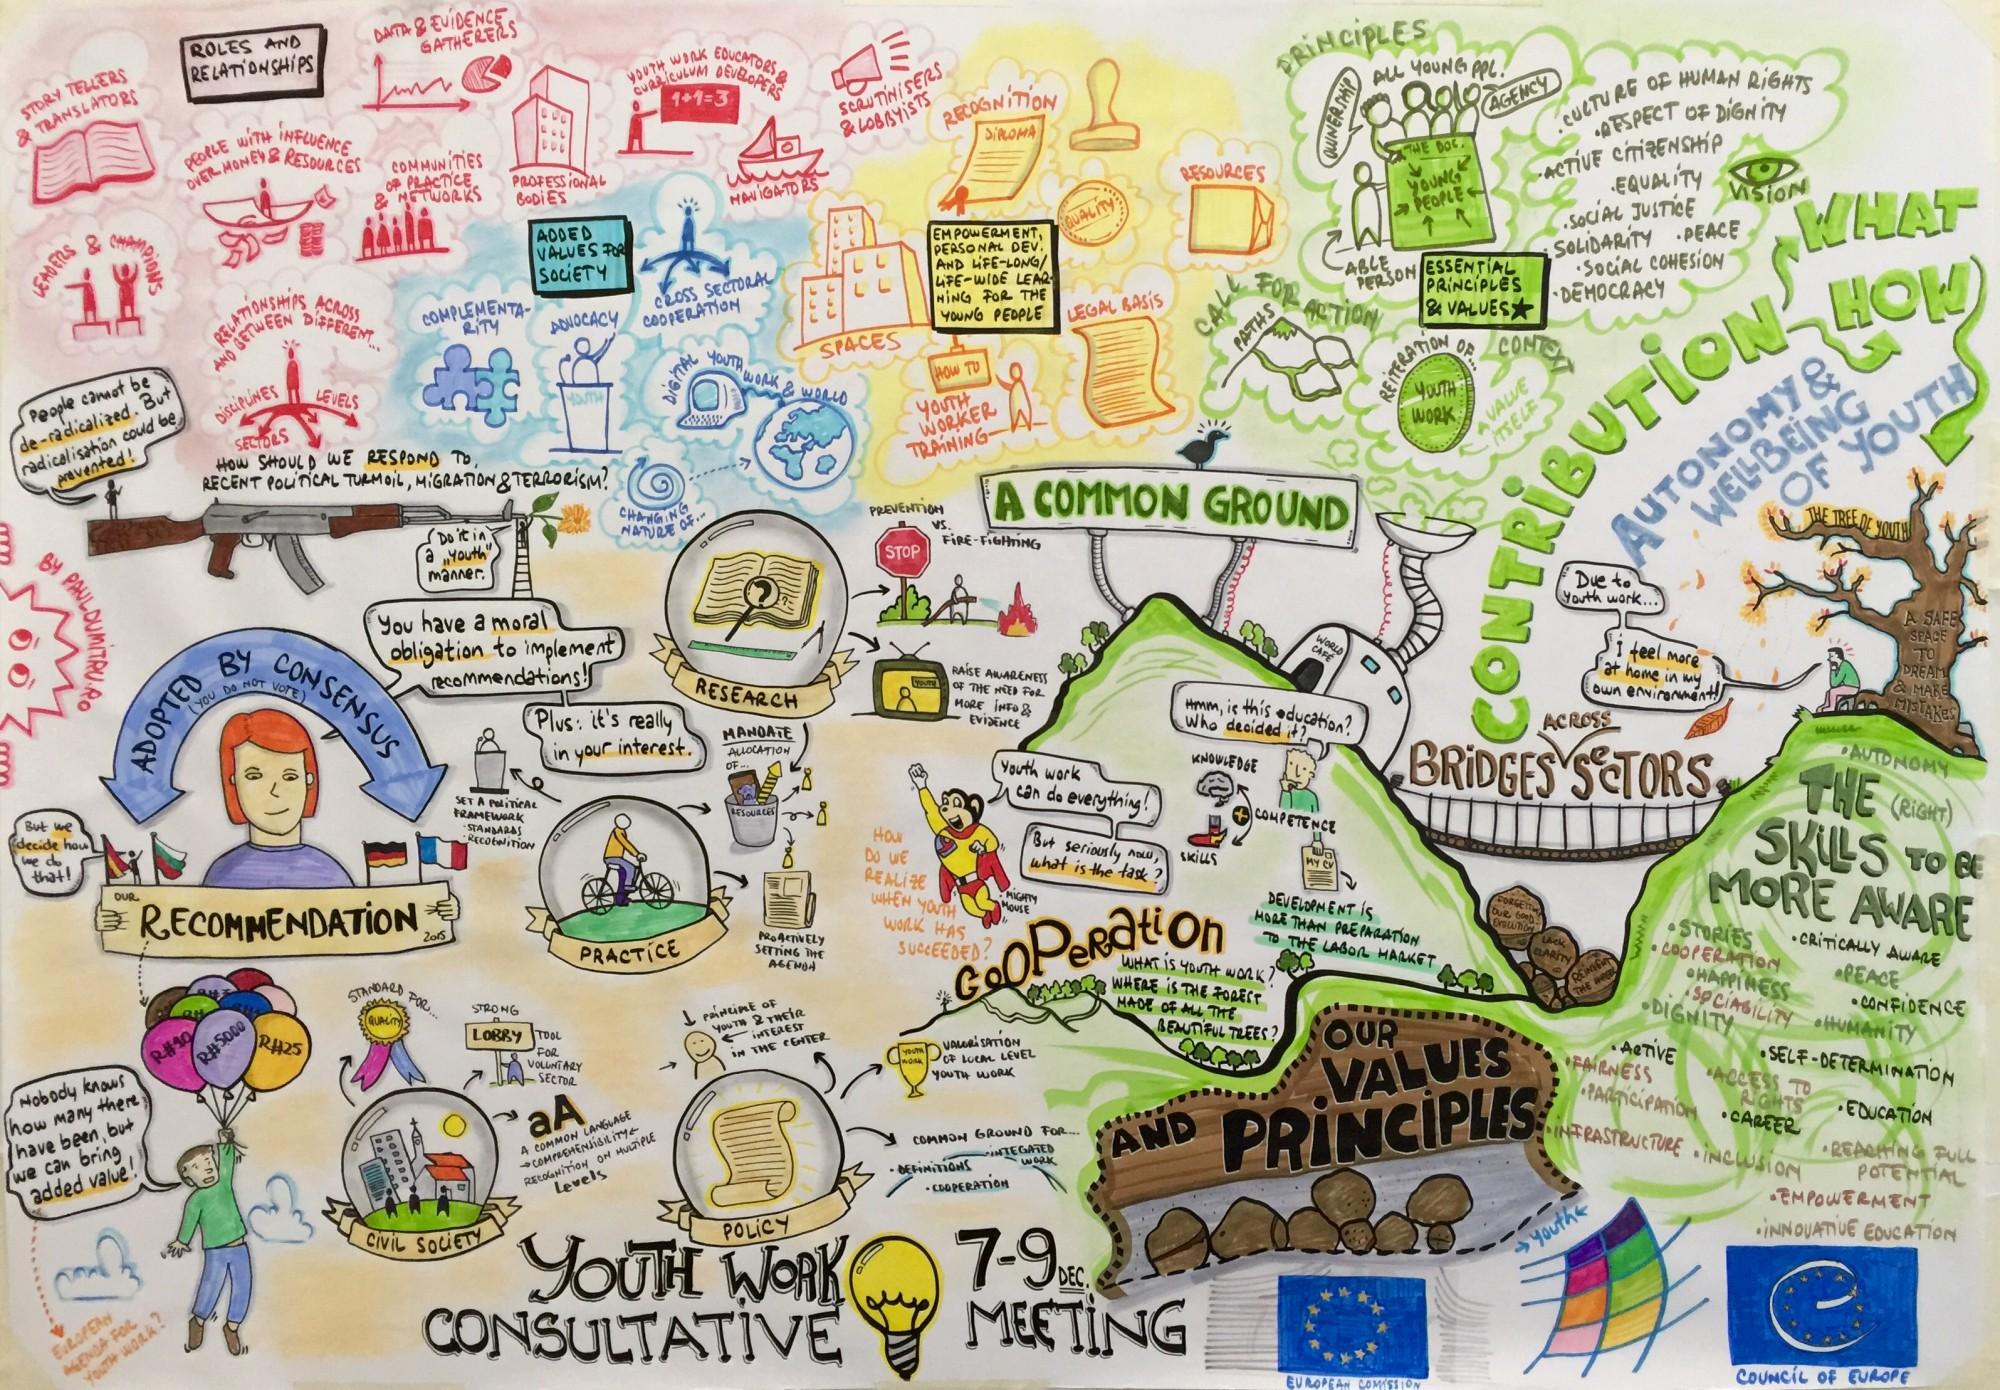 consultative-meeting-graphic-recording-strasbourg-2015-paul-dumitru